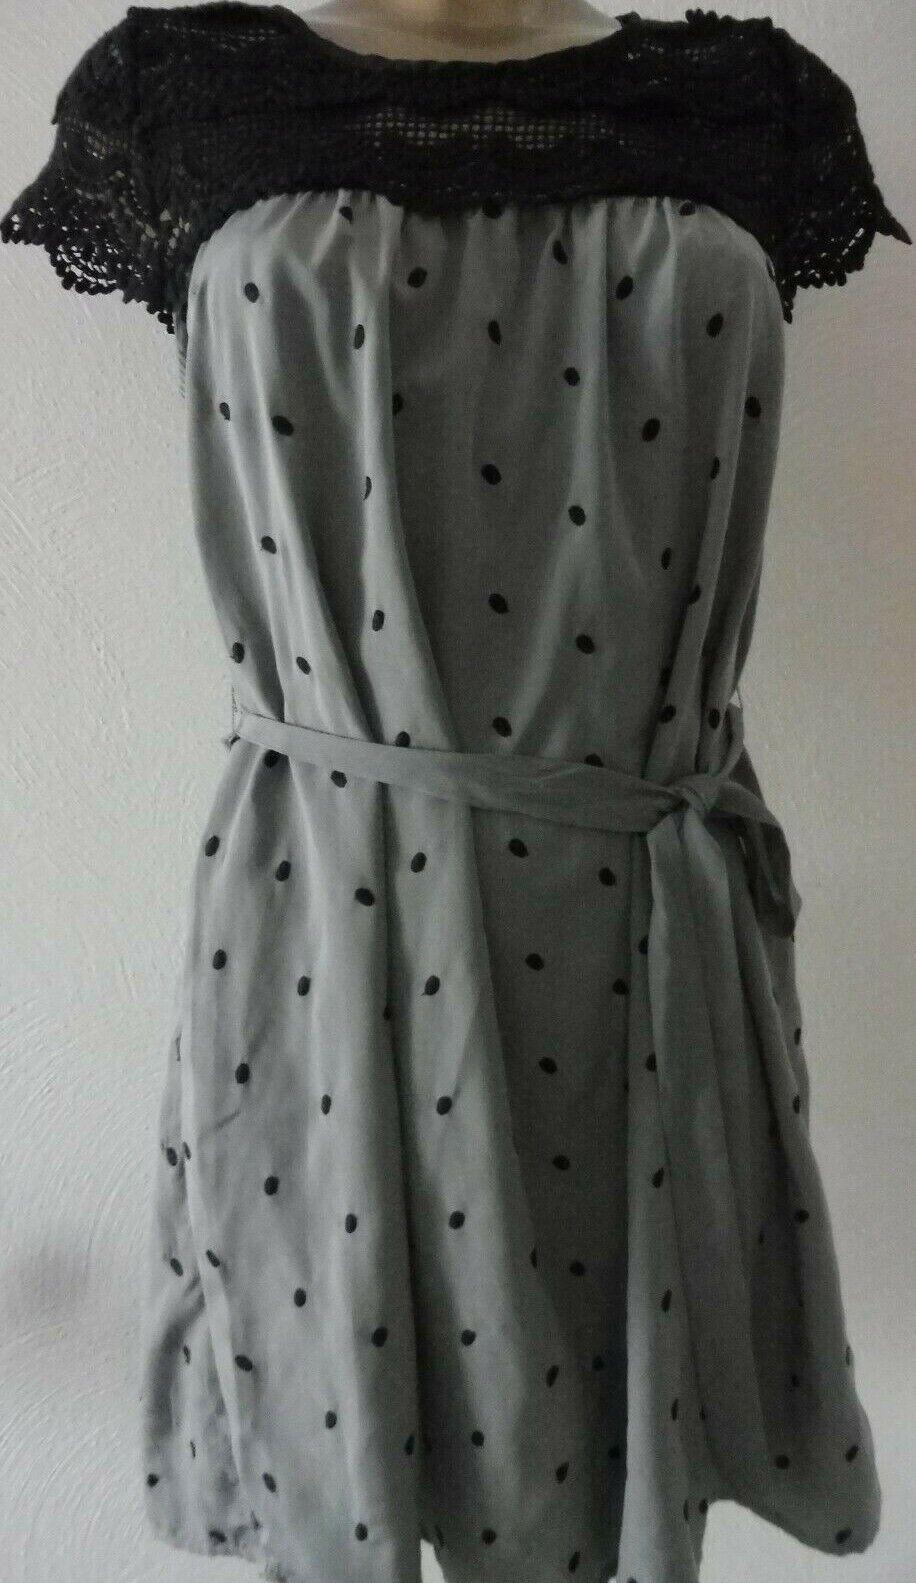 Darling London Kleid Häkel-Spitze grau schwarz Vintage gepunktet Gr S 36 F831